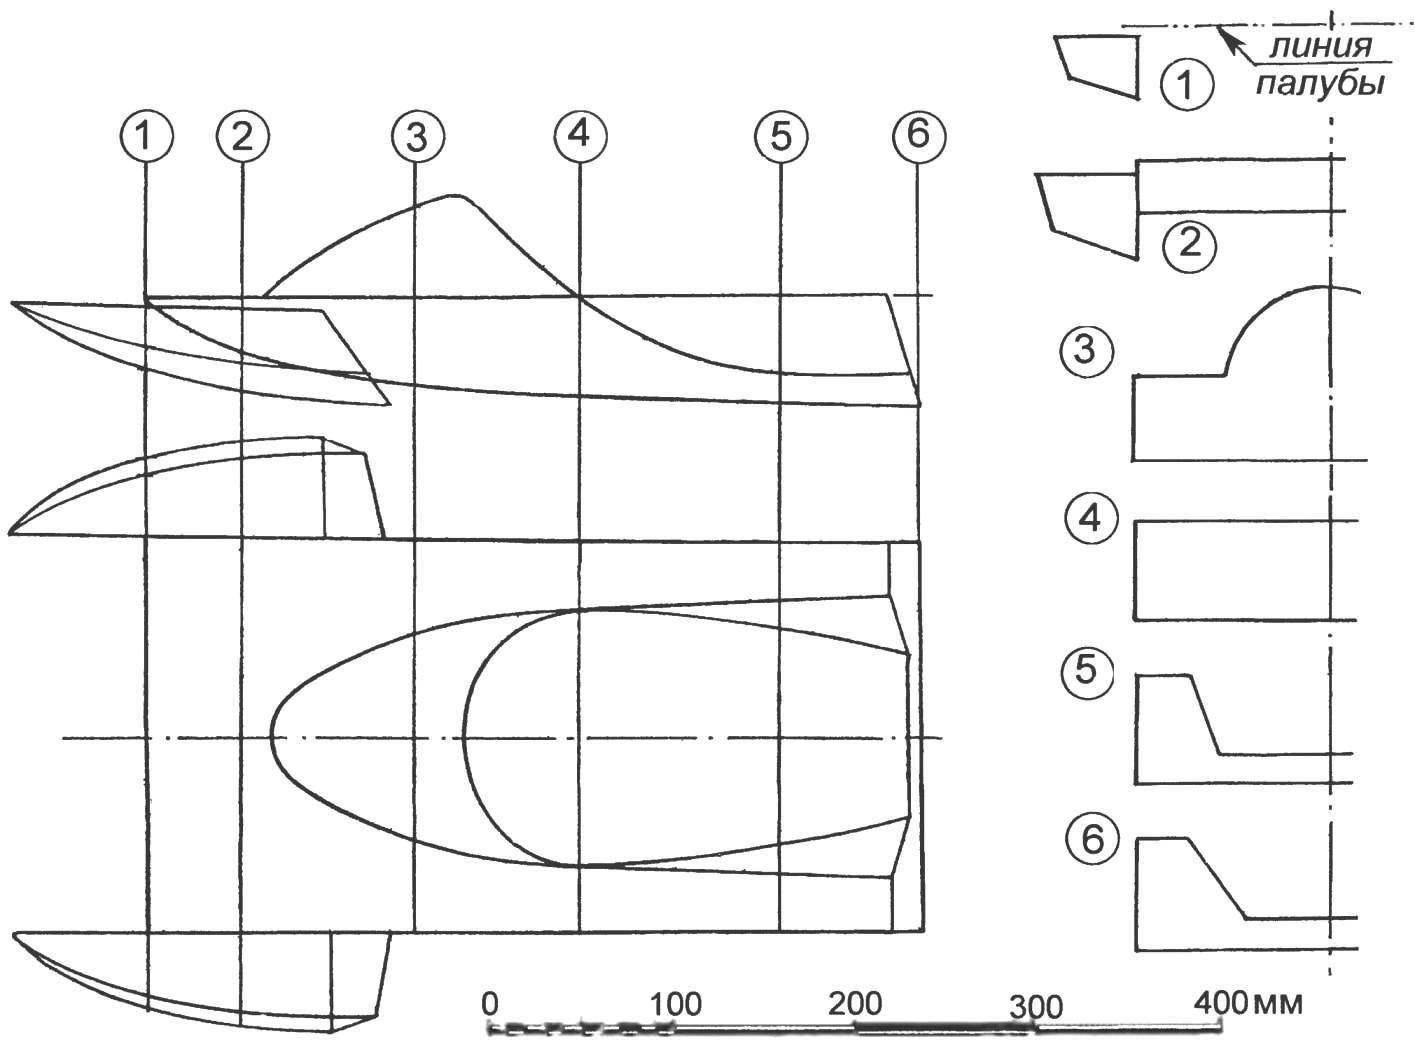 Теоретический чертеж корпуса аэроглиссера